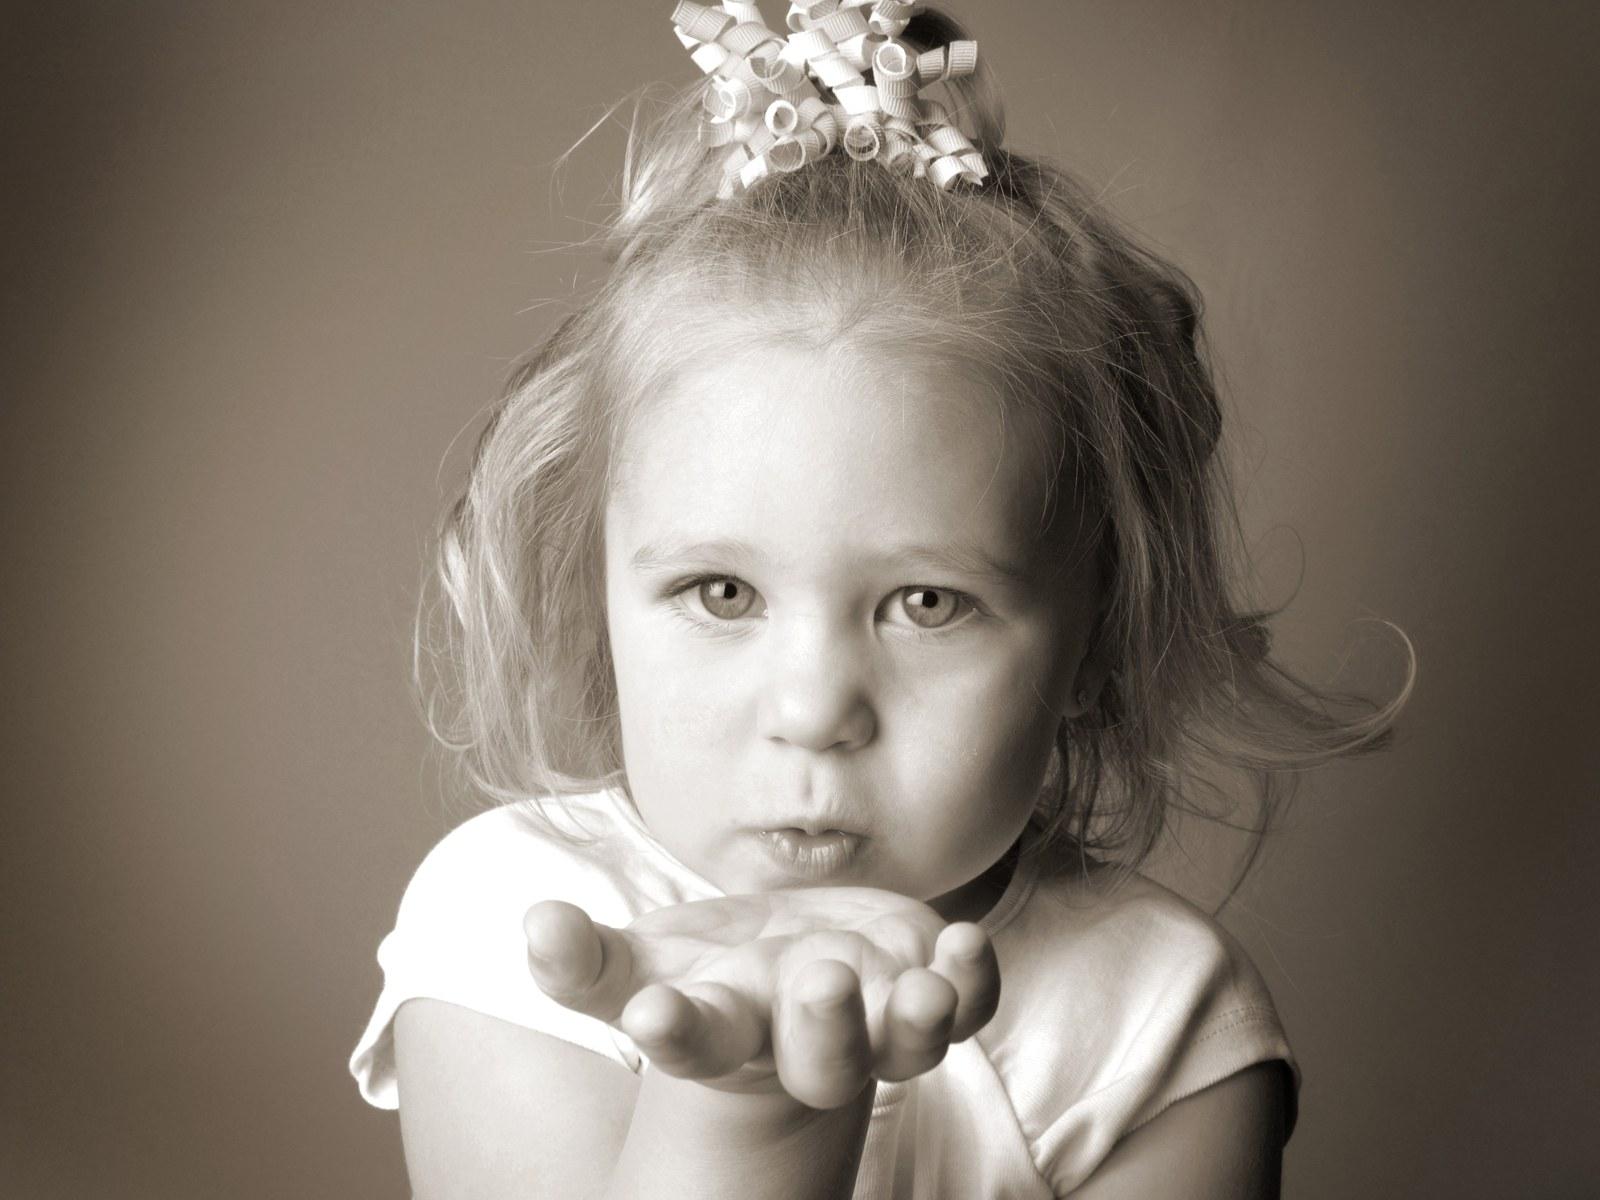 欧美儿童婴儿黑白摄影高清图片素材(17p)